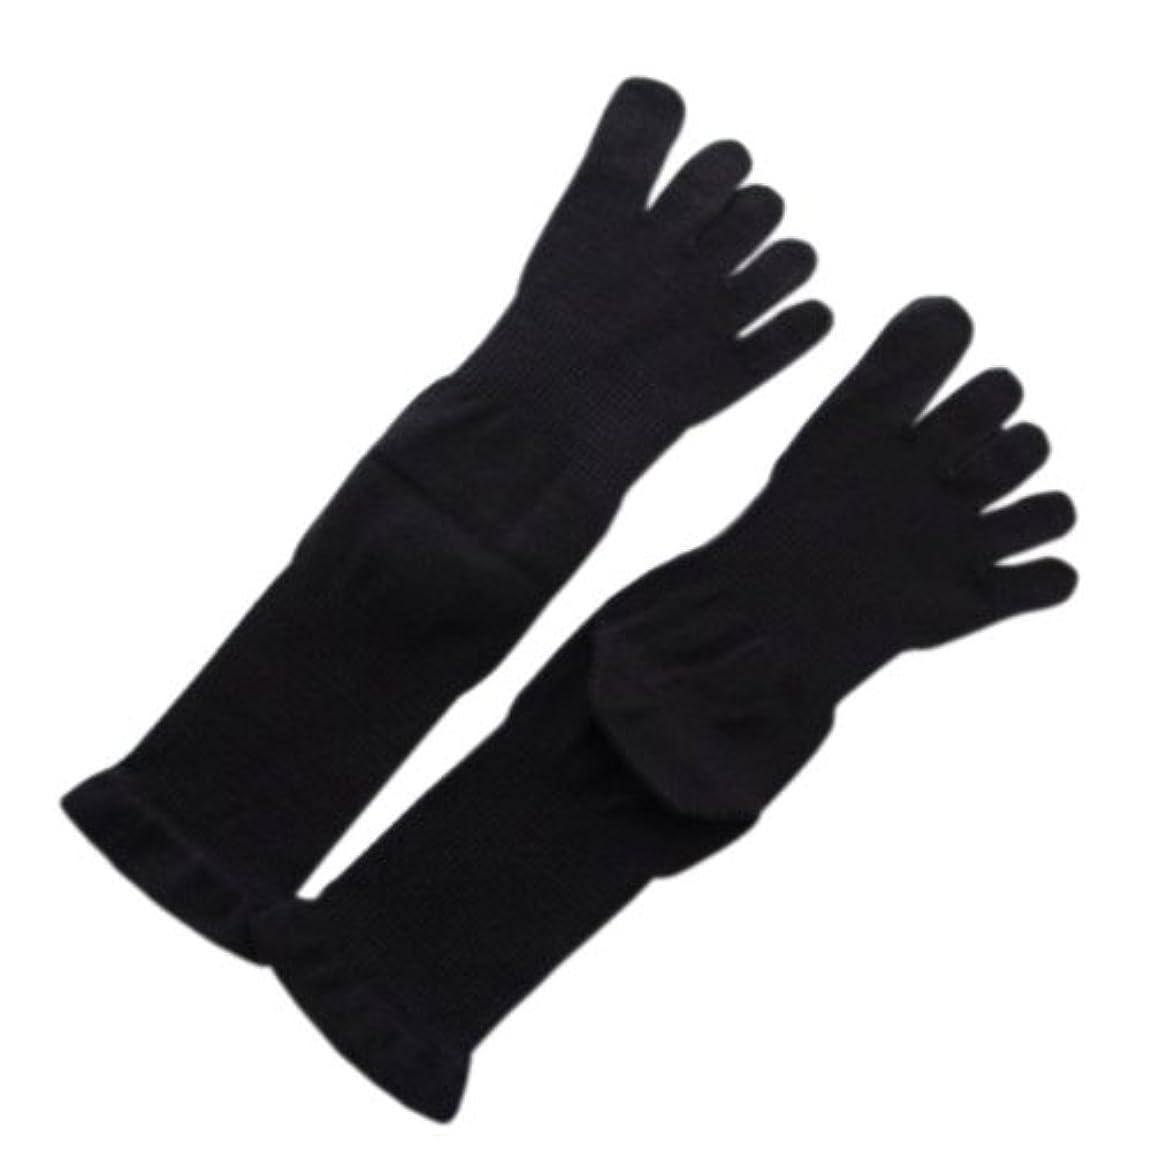 余計な滑りやすい失敗5本指薄手ソックス 黒M:オーガニックコットン100%足首を締め付けないソックス!